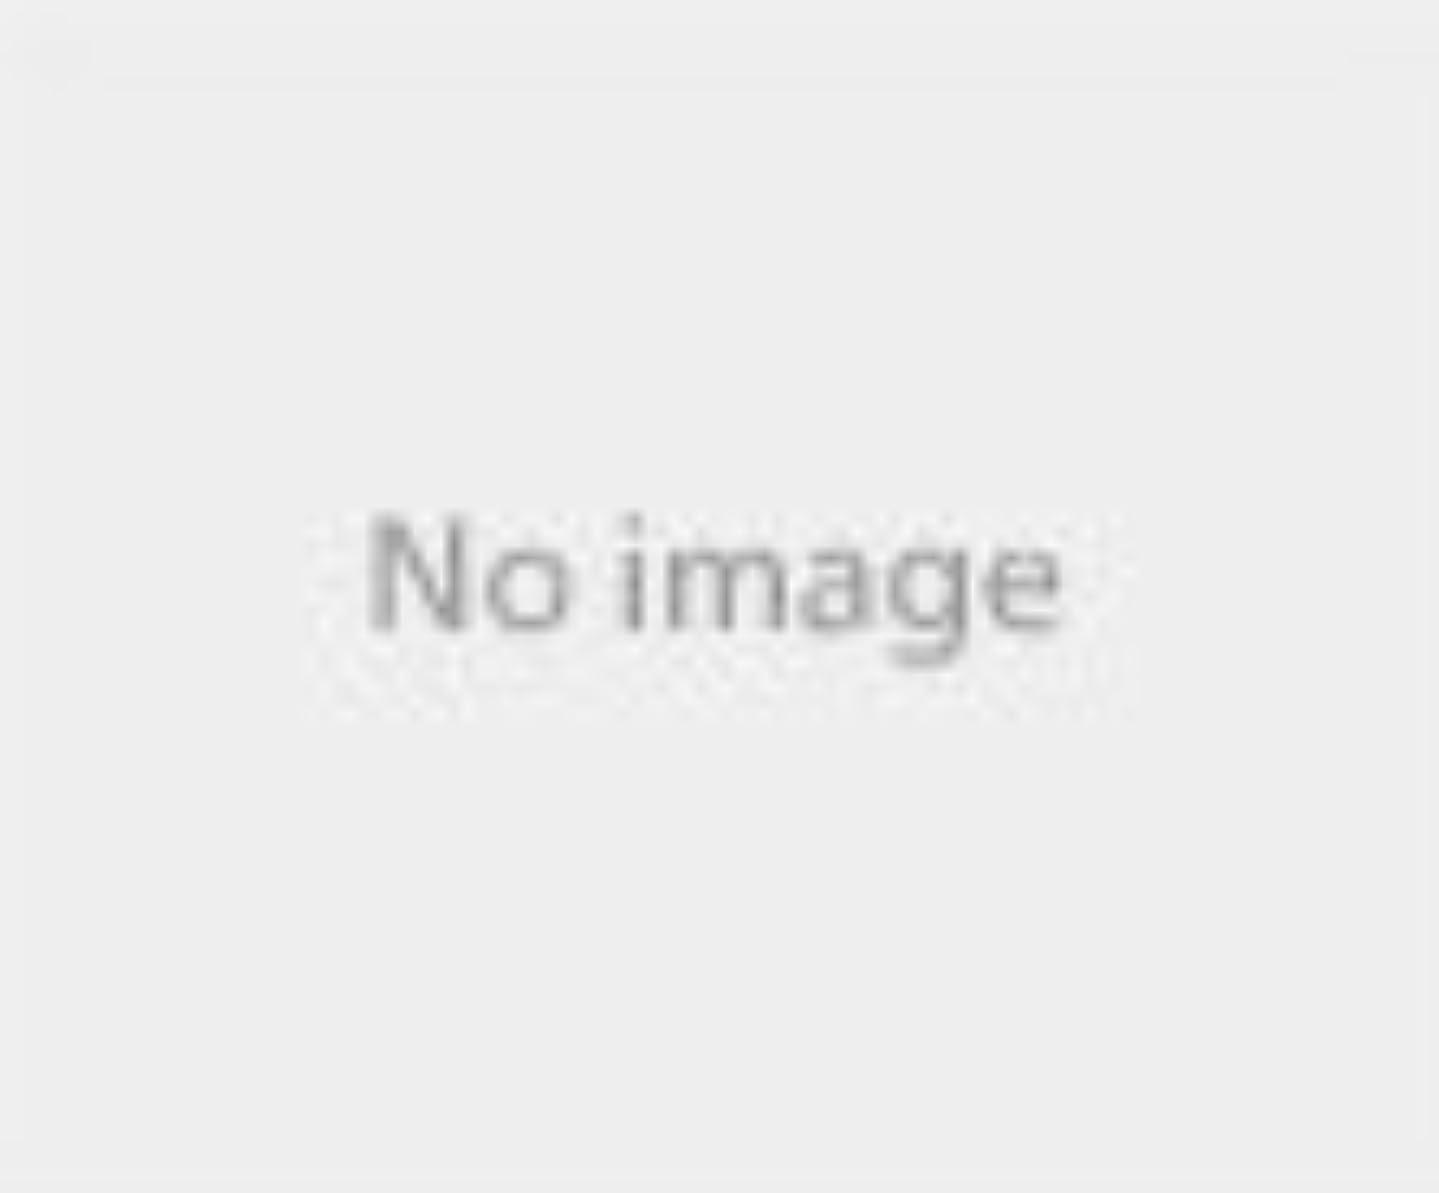 反乱イベントフォージ小川医理器7-4395-11トップクリーン(大容量洗浄器)専用リンス剤(5L)